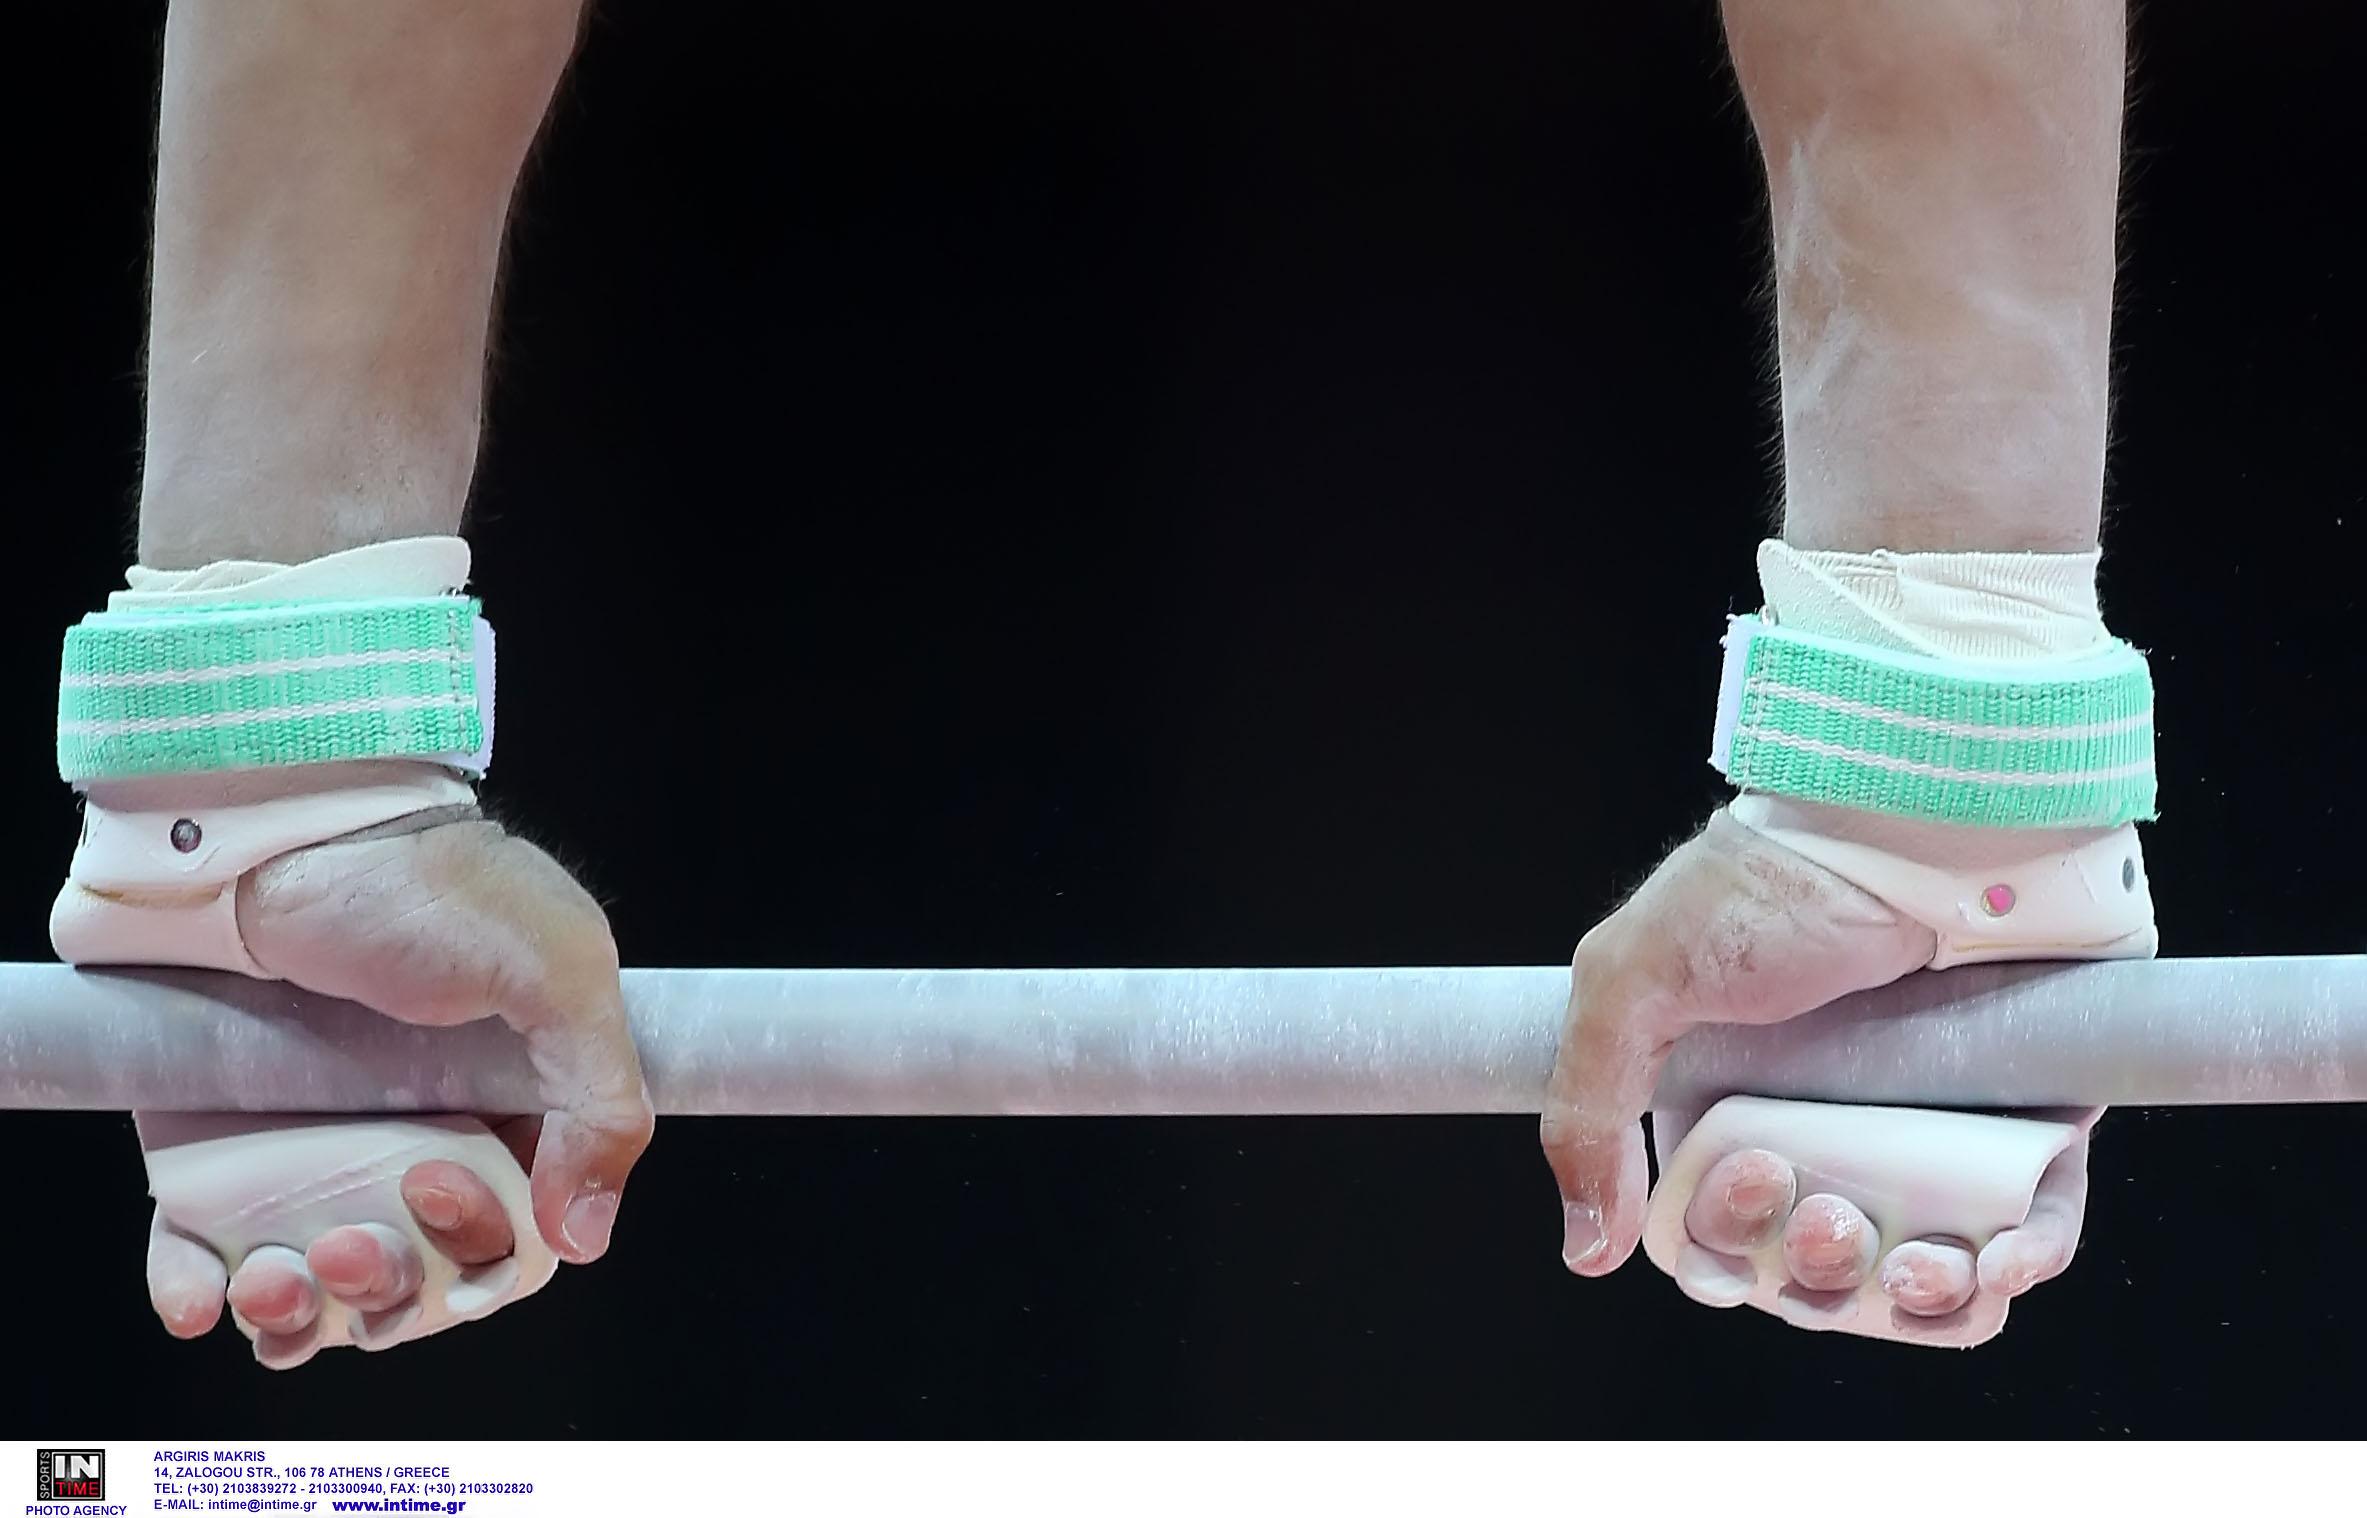 Ενόργανη Γυμναστική: Στην ΕΟΕ η καταγγελία των 22 αθλητών για τις κακοποιήσεις από προπονητές